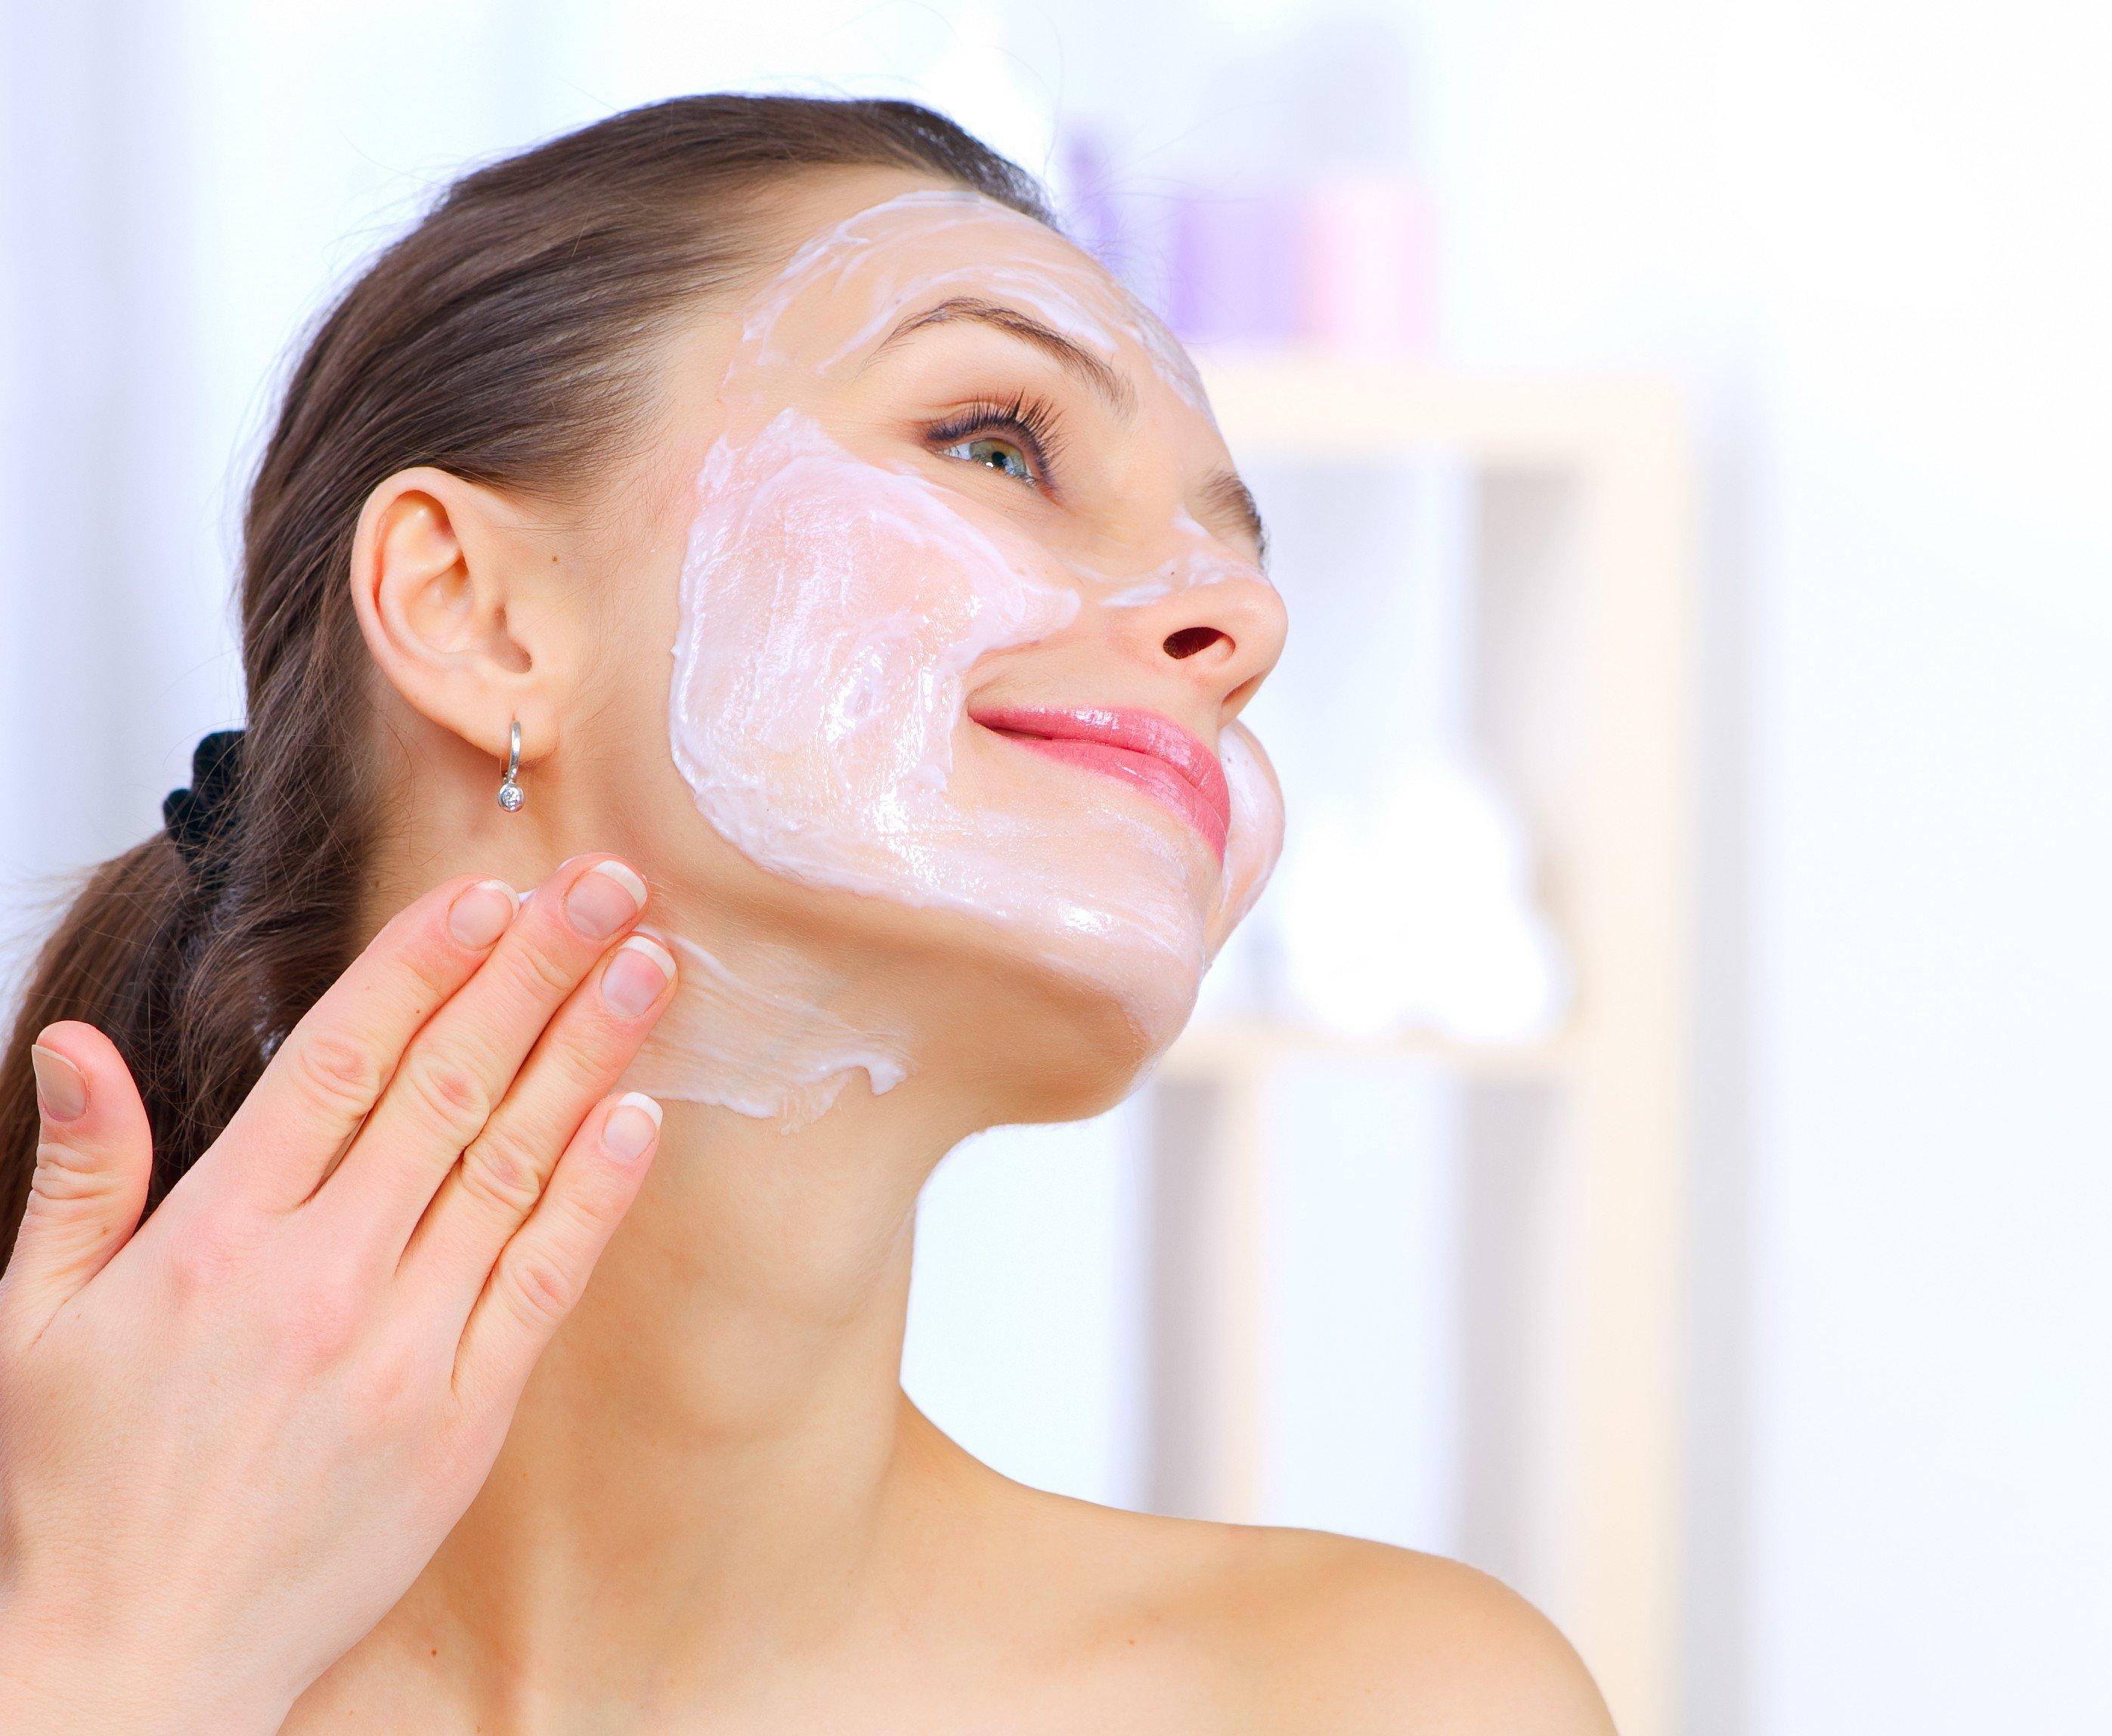 Ochishhayushhaya-maska-dlya-lica-v-domashnix-usloviyax_07 Как сделать очищающую маску для лица самостоятельно